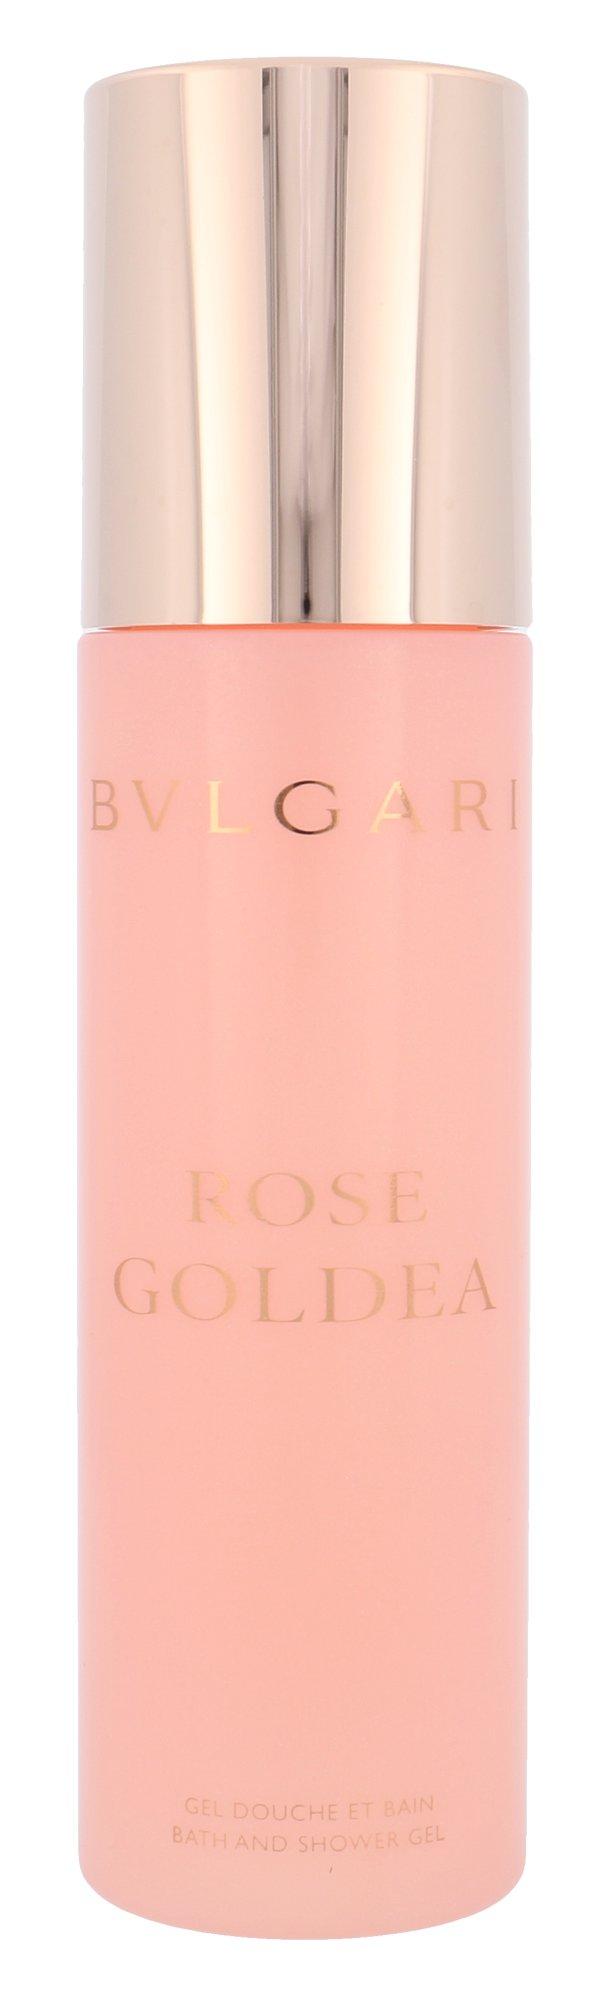 Bvlgari Rose Goldea, Sprchovací gél 200ml